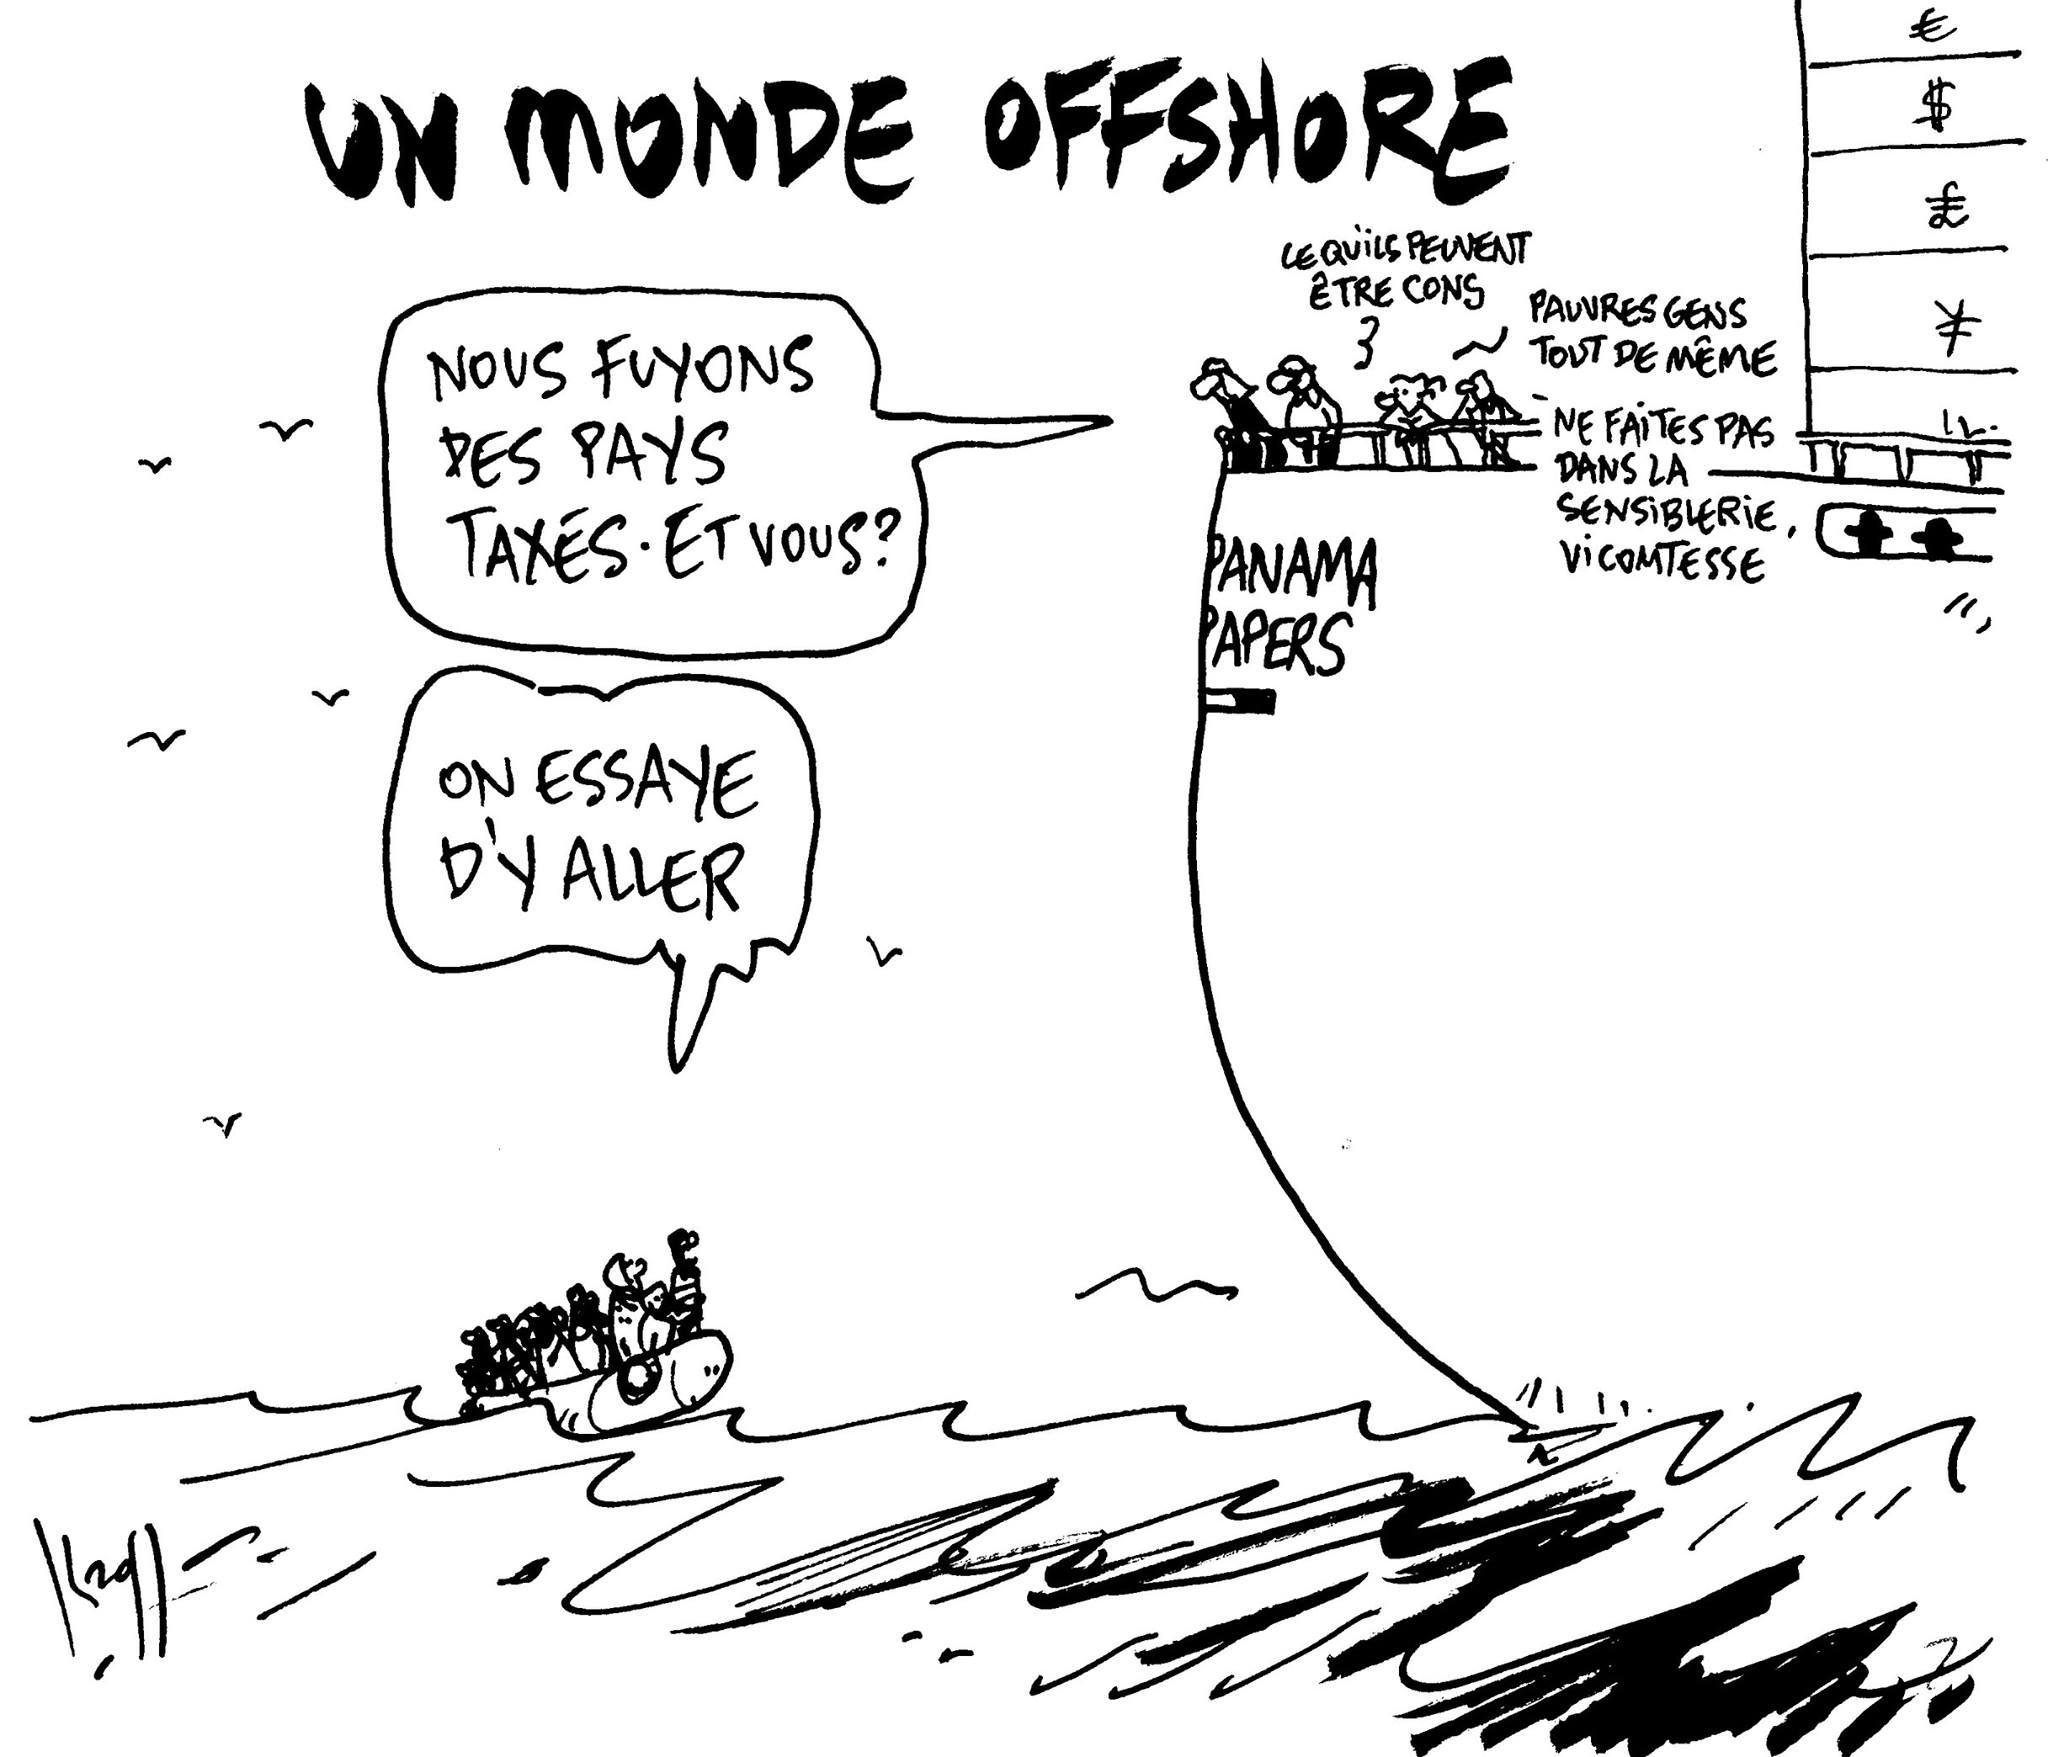 Un monde offshore